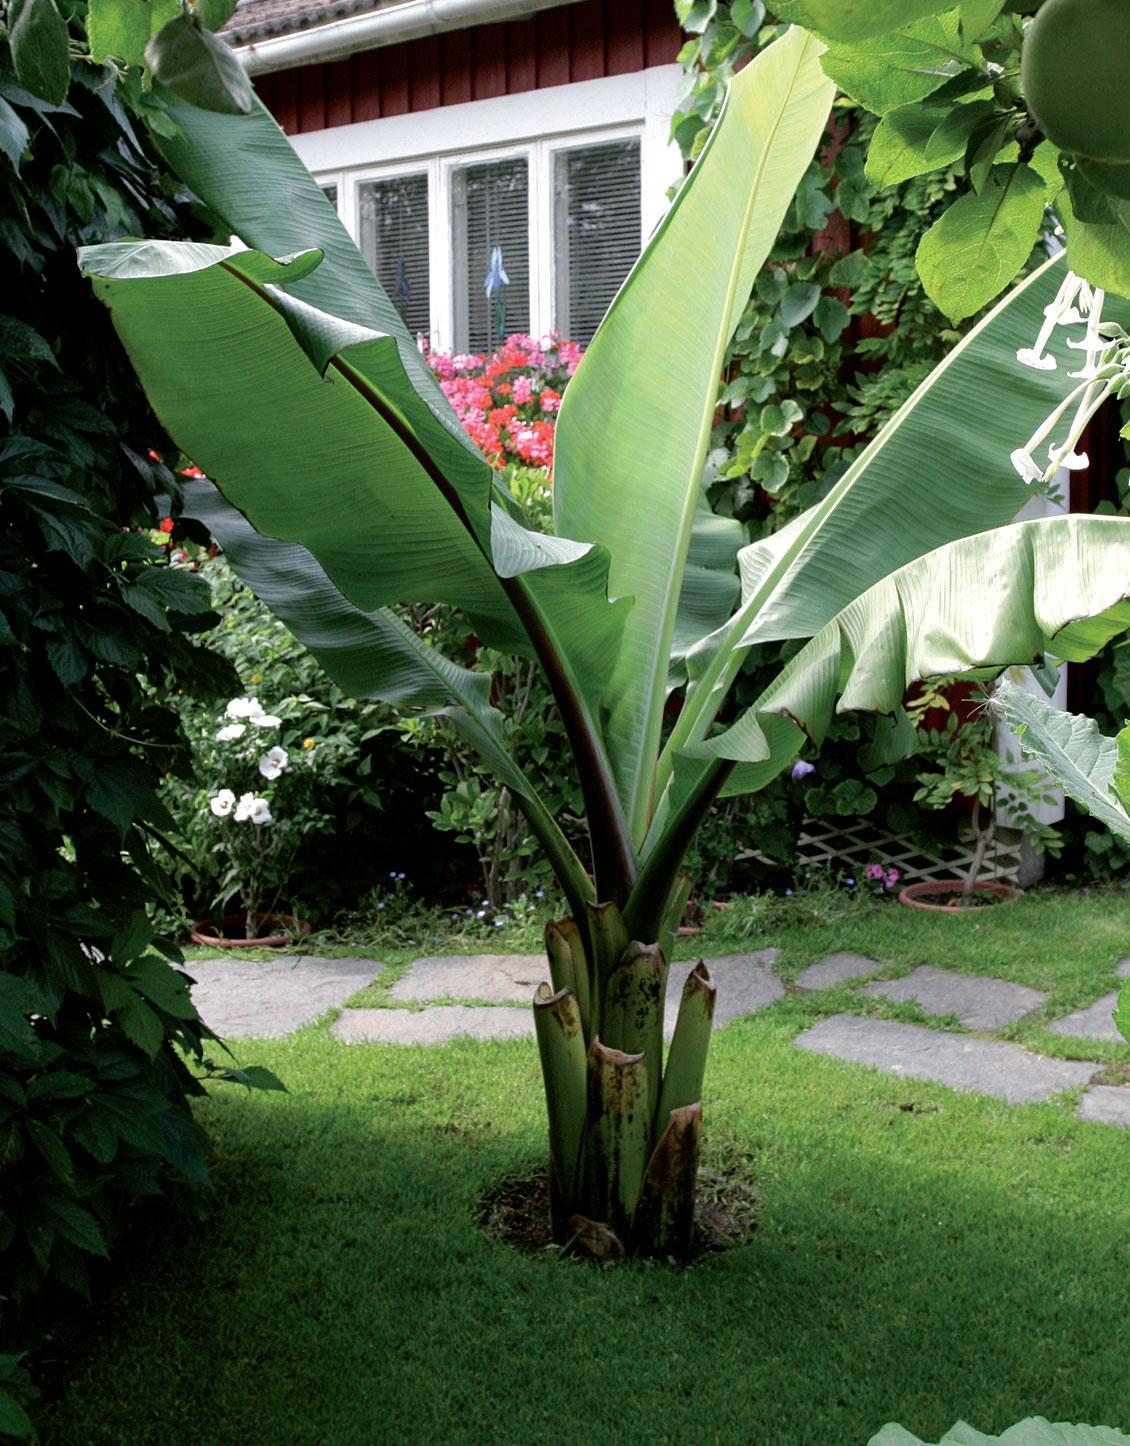 Ruukkuineen maahan upotettu banaani kasvattaa kesän aikana useita suuria lehtiä säännöllisen kastelun ja lannoituksen ansiosta.